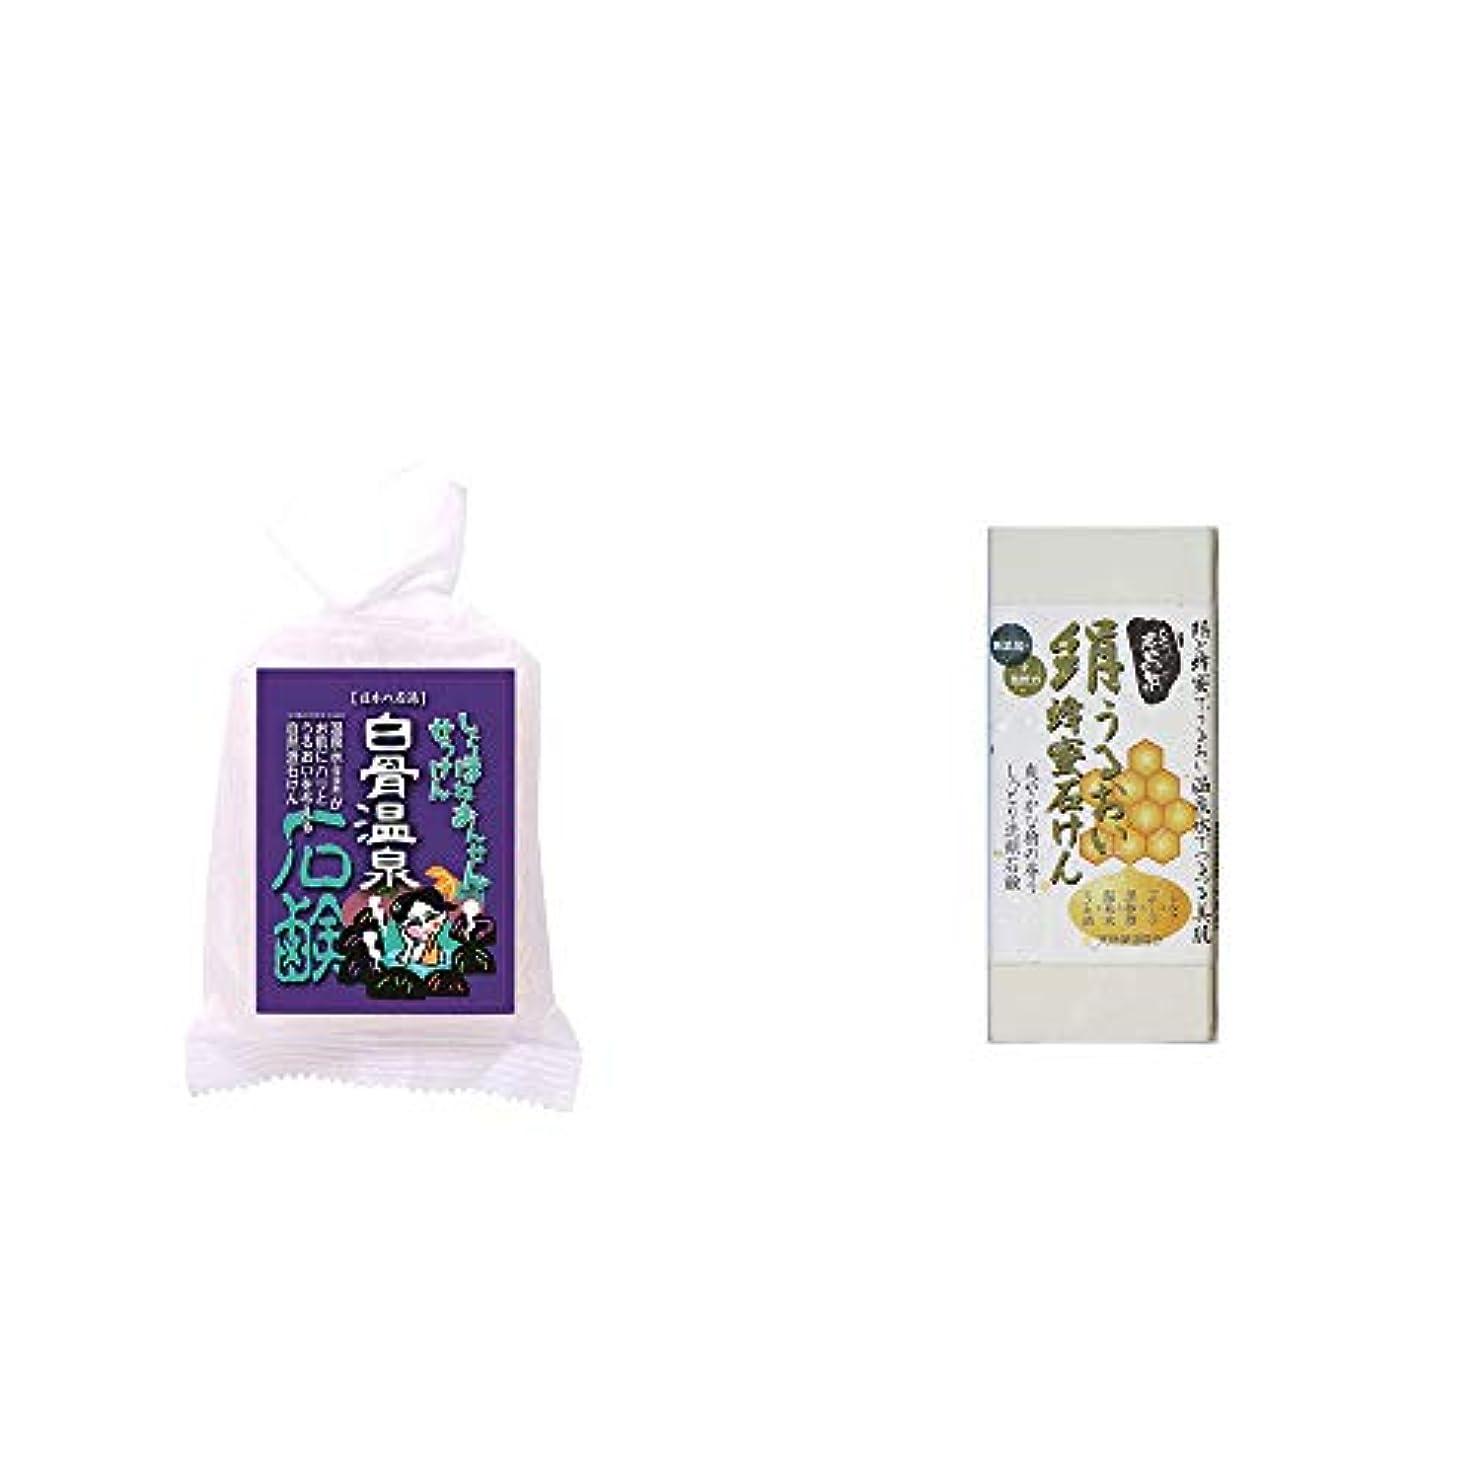 [2点セット] 信州 白骨温泉石鹸(80g)?ひのき炭黒泉 絹うるおい蜂蜜石けん(75g×2)